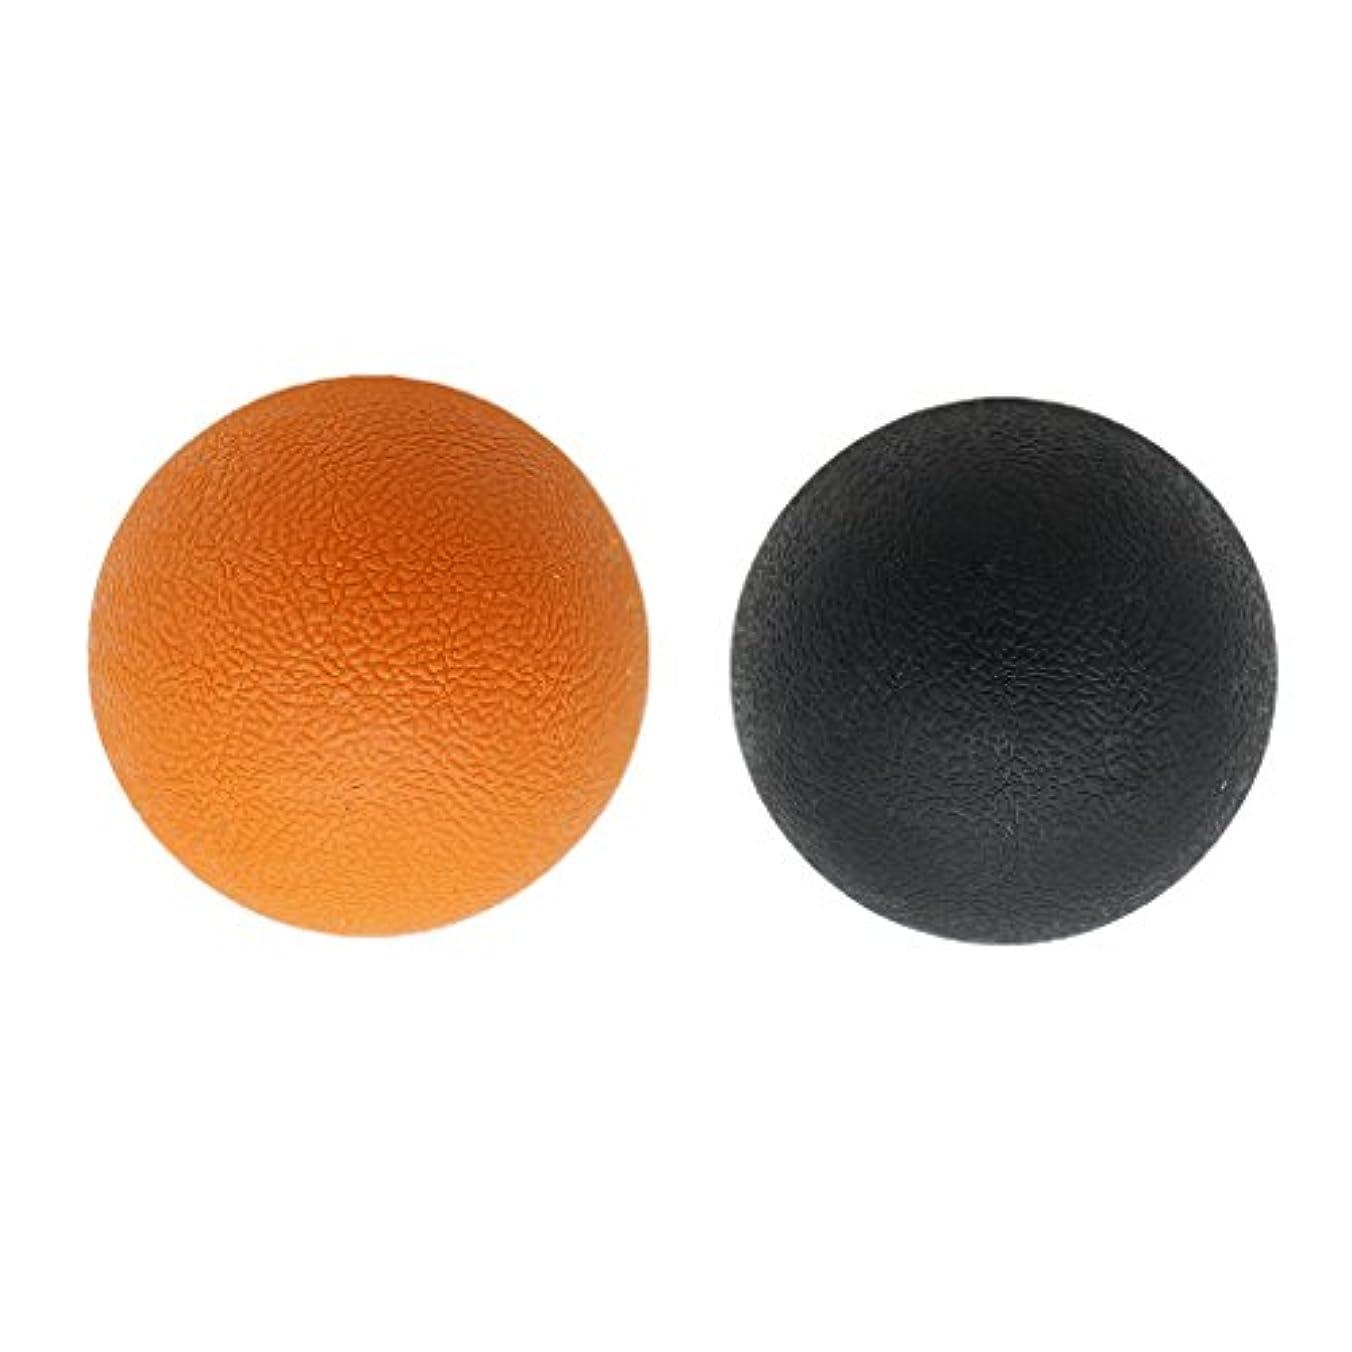 天の虎お勧め2個 マッサージボール ストレッチボール トリガーポイント トレーニング マッサージ リラックス 家庭 ジム 旅行 学校 オフィス 便利 多色選べる - オレンジブラック